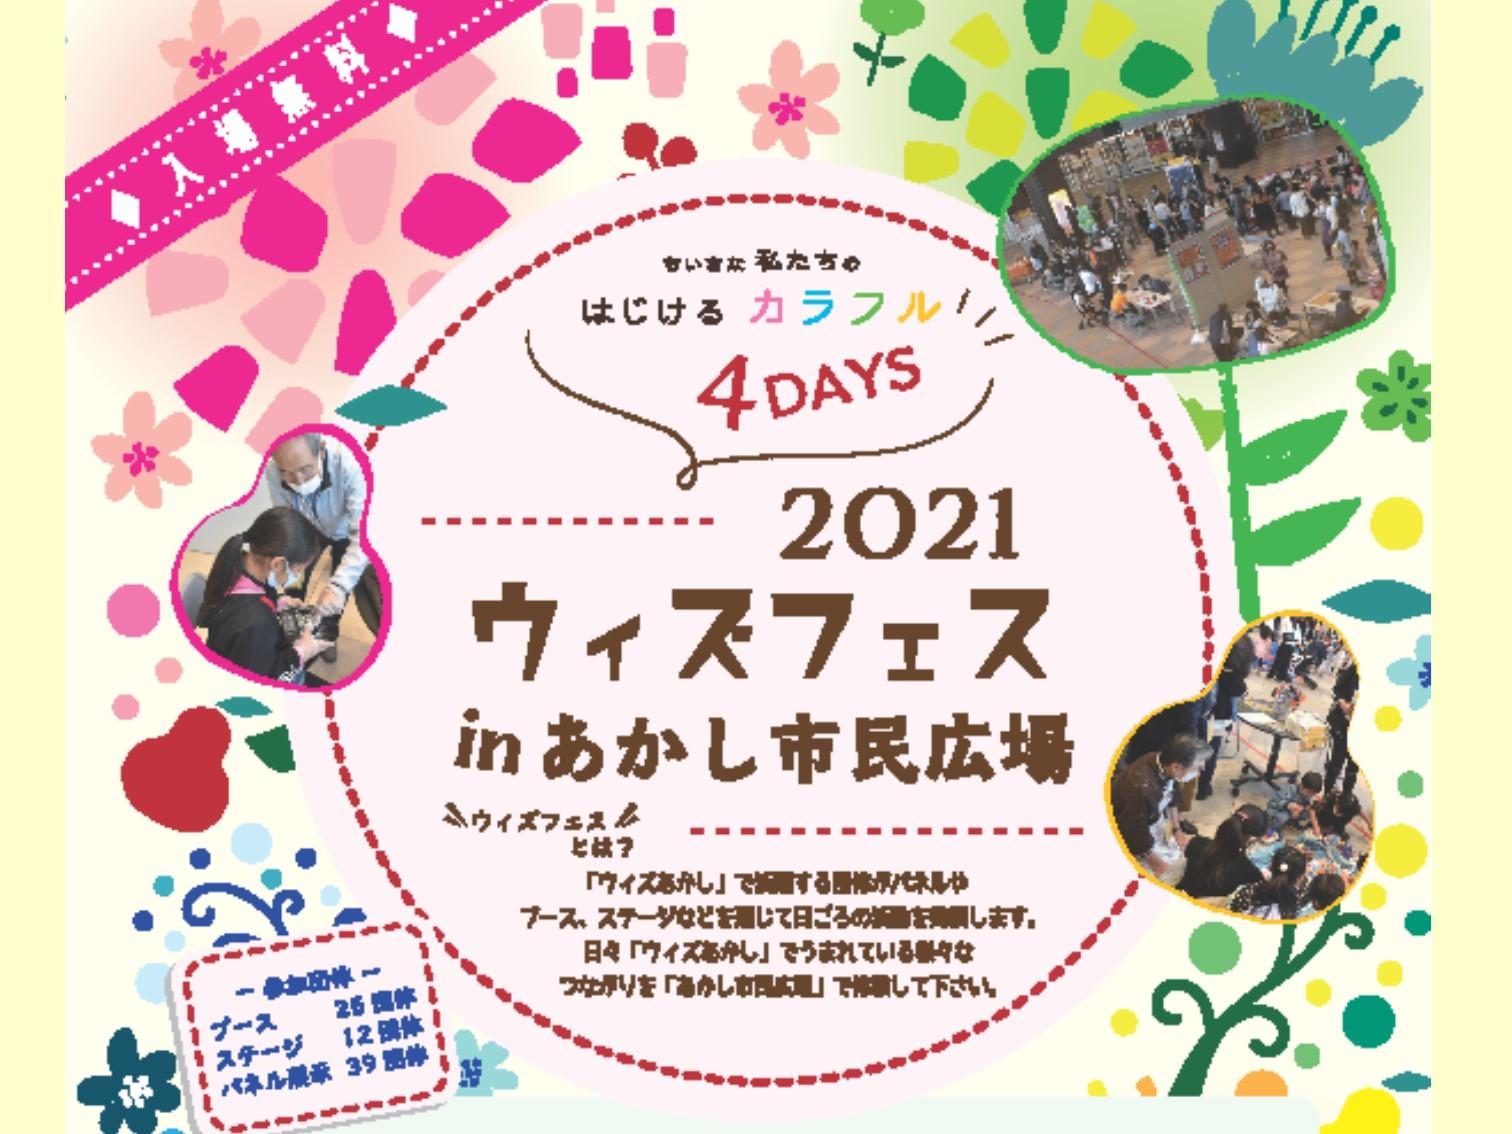 【内容変更あり】ウィズフェス2021 in あかし市民広場